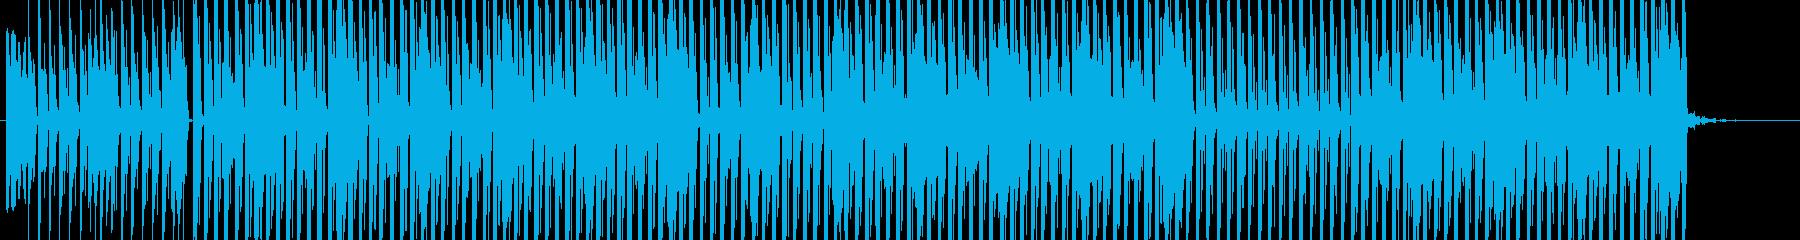 ヒップホップインストゥルメンタルは...の再生済みの波形